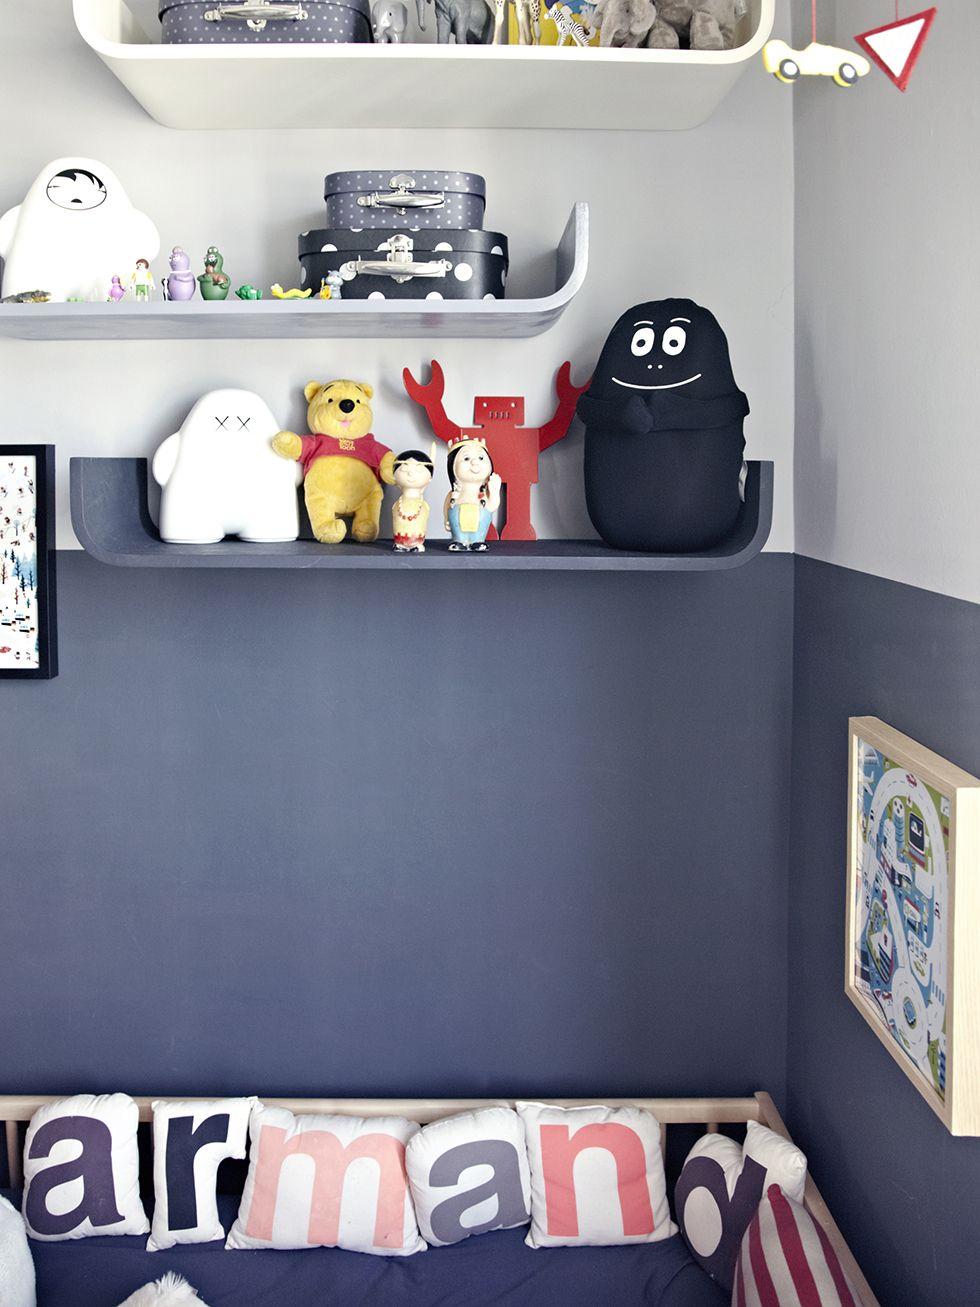 Tag res assorties aux peintures du mur conseils d co chambre enfant deco chambre et deco - Conseil deco chambre ...